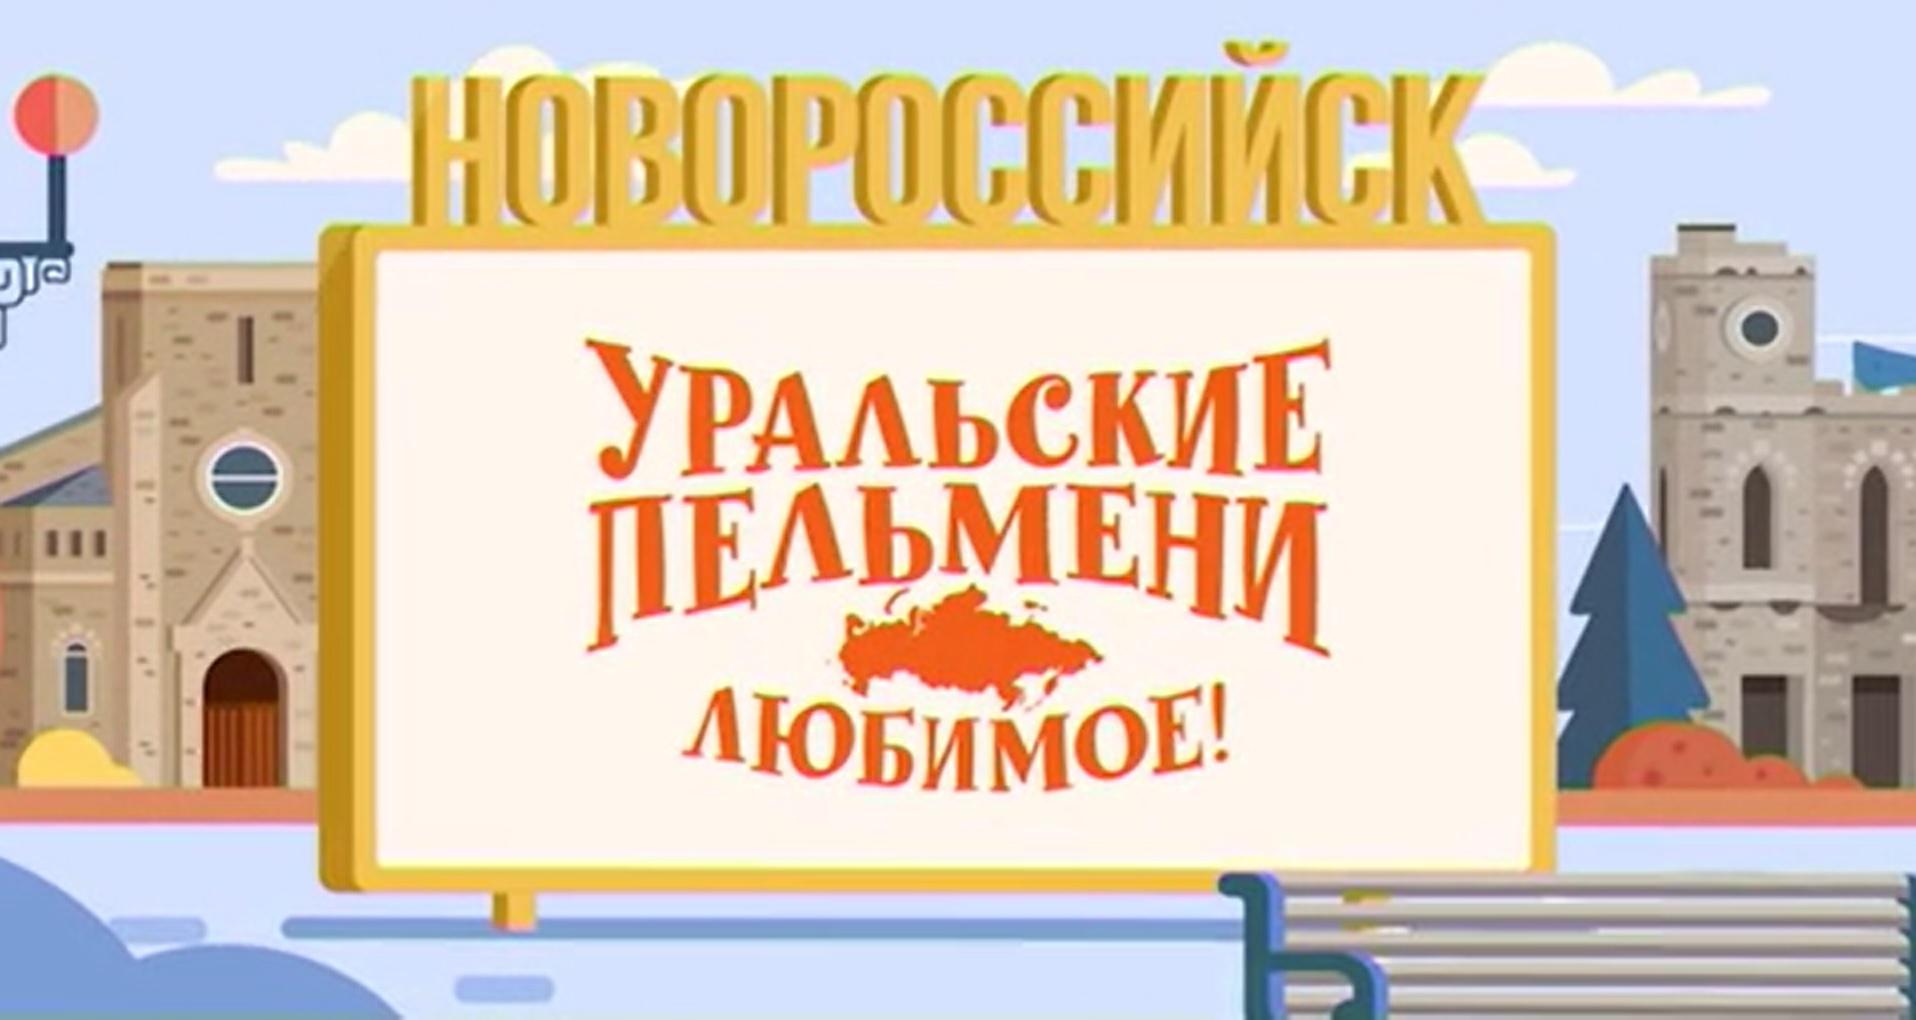 Творческий коллектив Уральские Пельмени Уральские пельмени. Любимое. Новоросийск творческий коллектив уральские пельмени уральские пельмени любимое тюмень